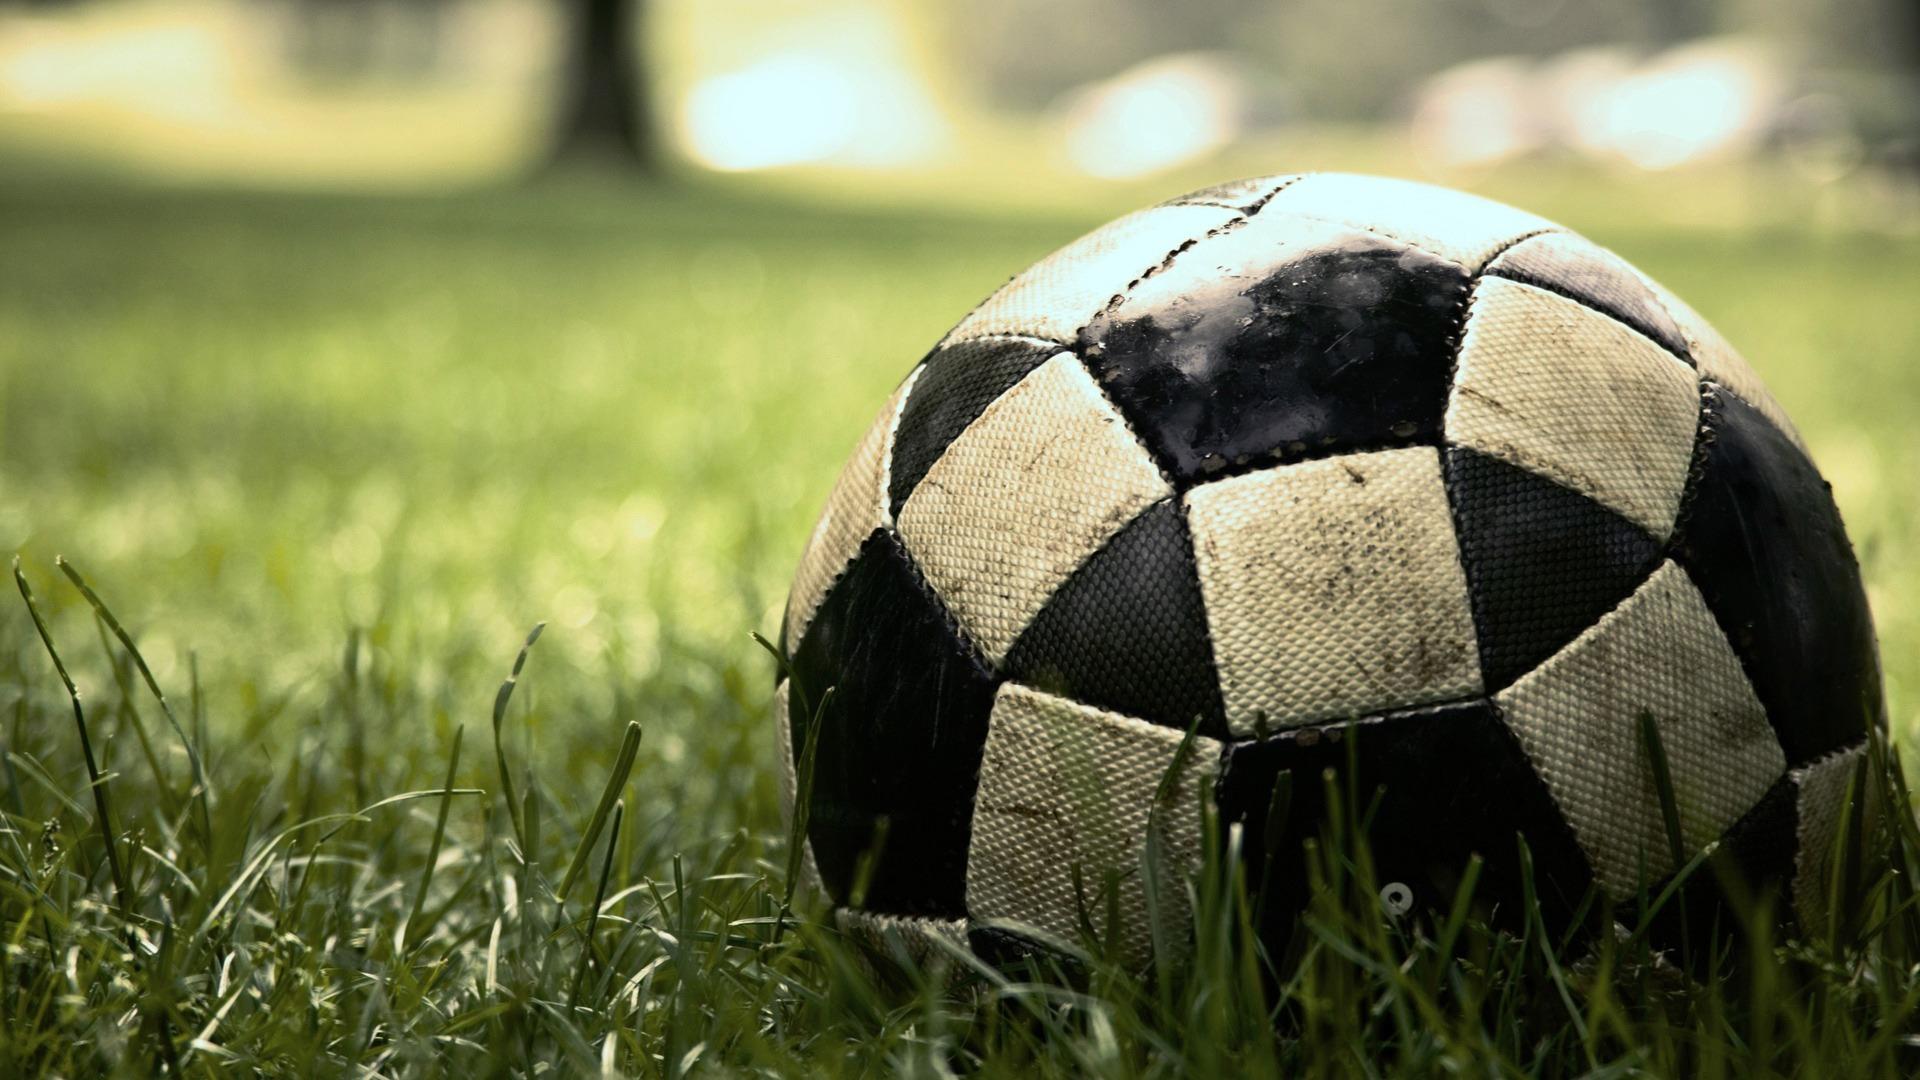 HD Soccer Wallpapers 1080p - WallpaperSafari